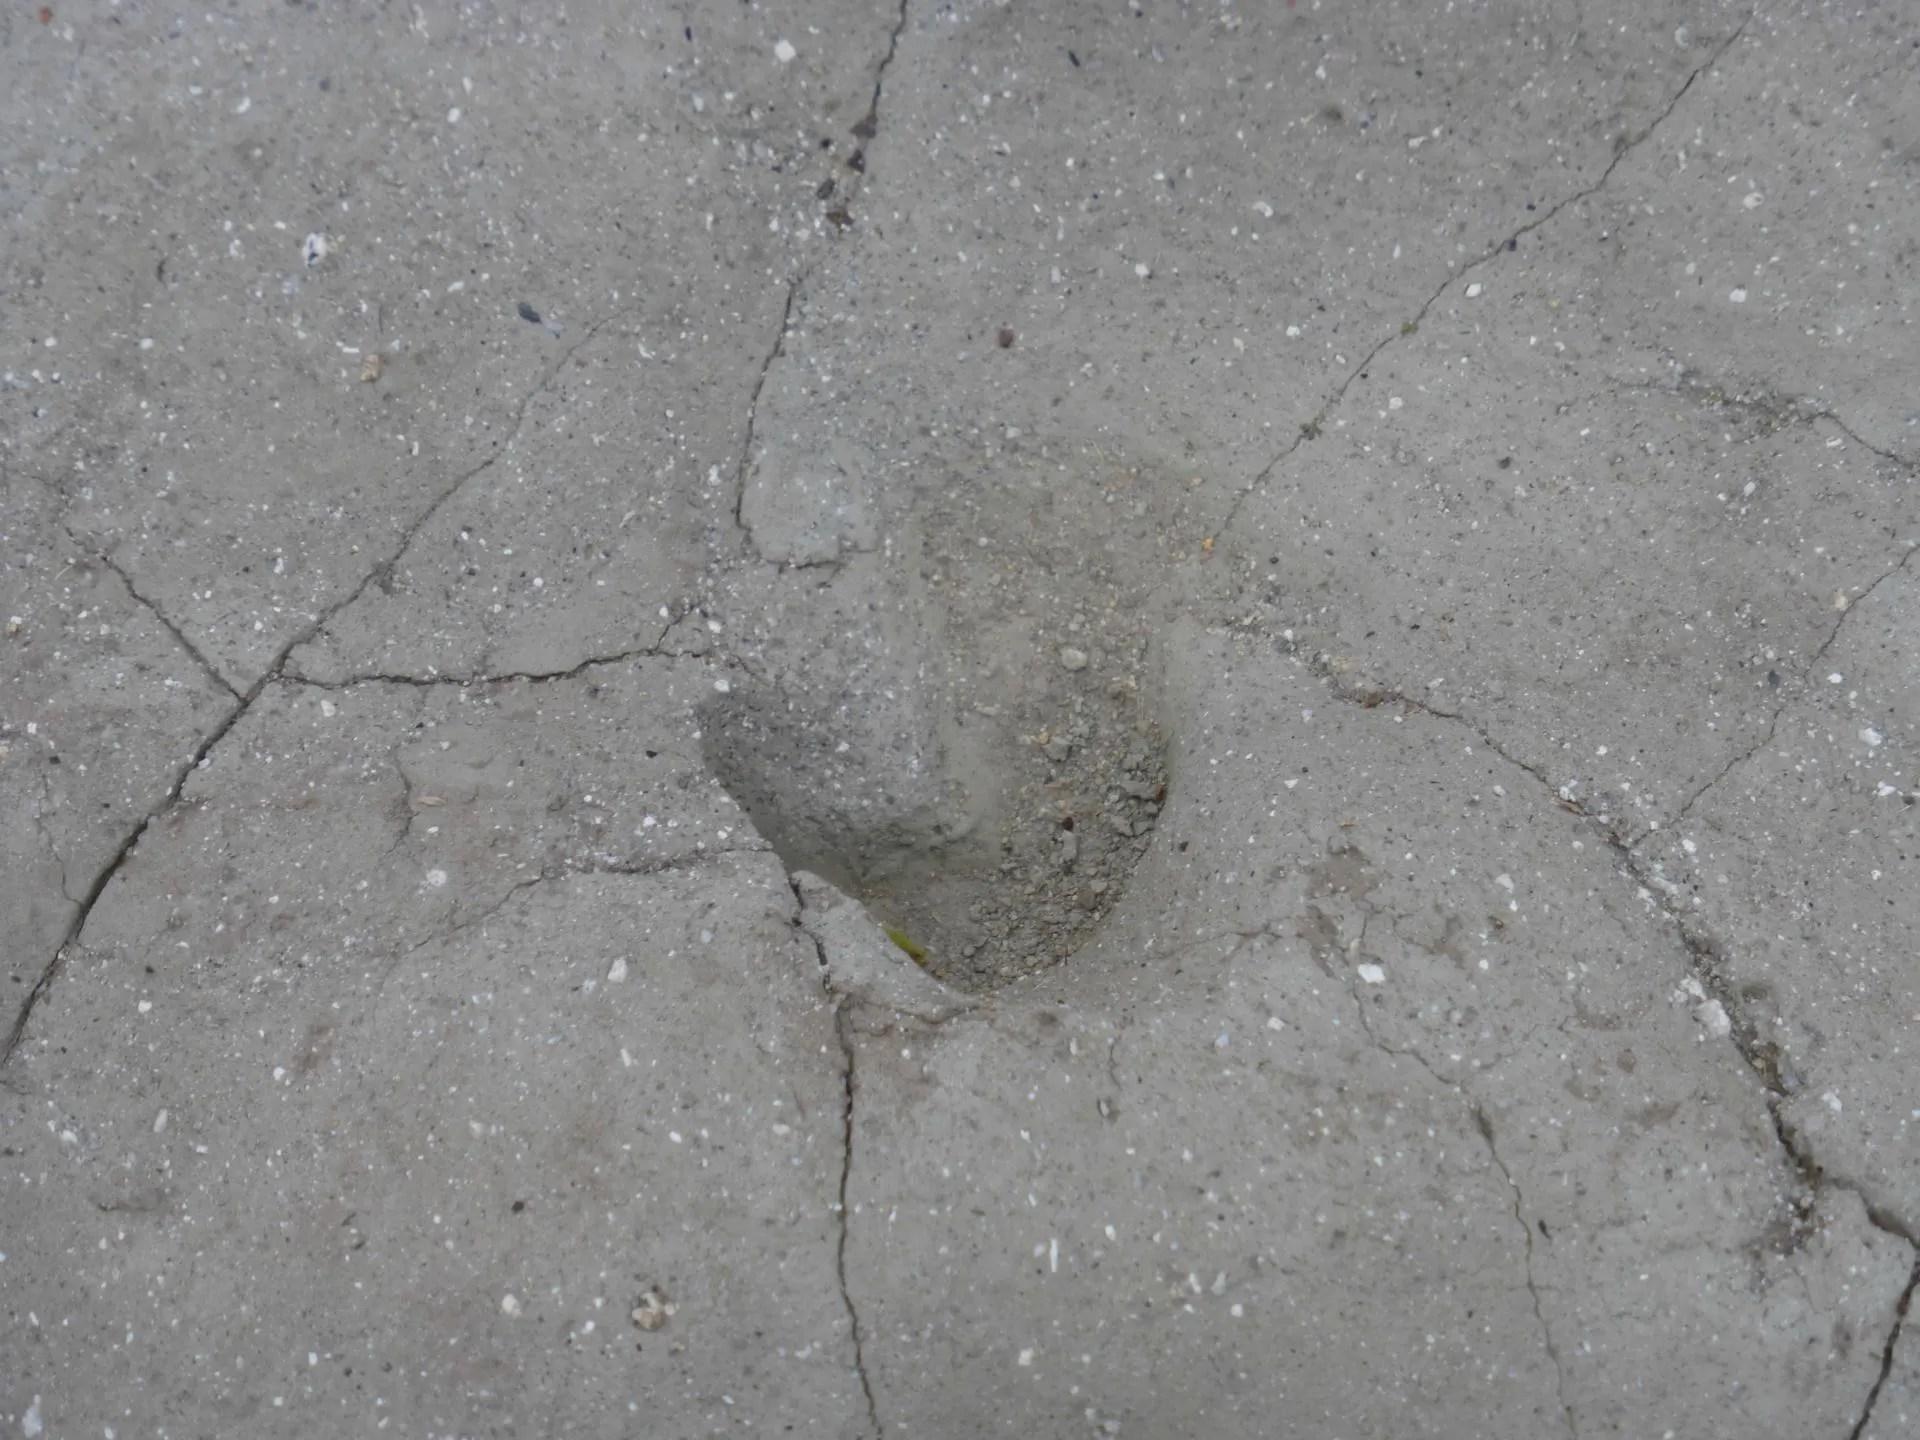 石川足跡化石 調査 - 富田林百景+ 「とんだばやし」とその周辺 ...